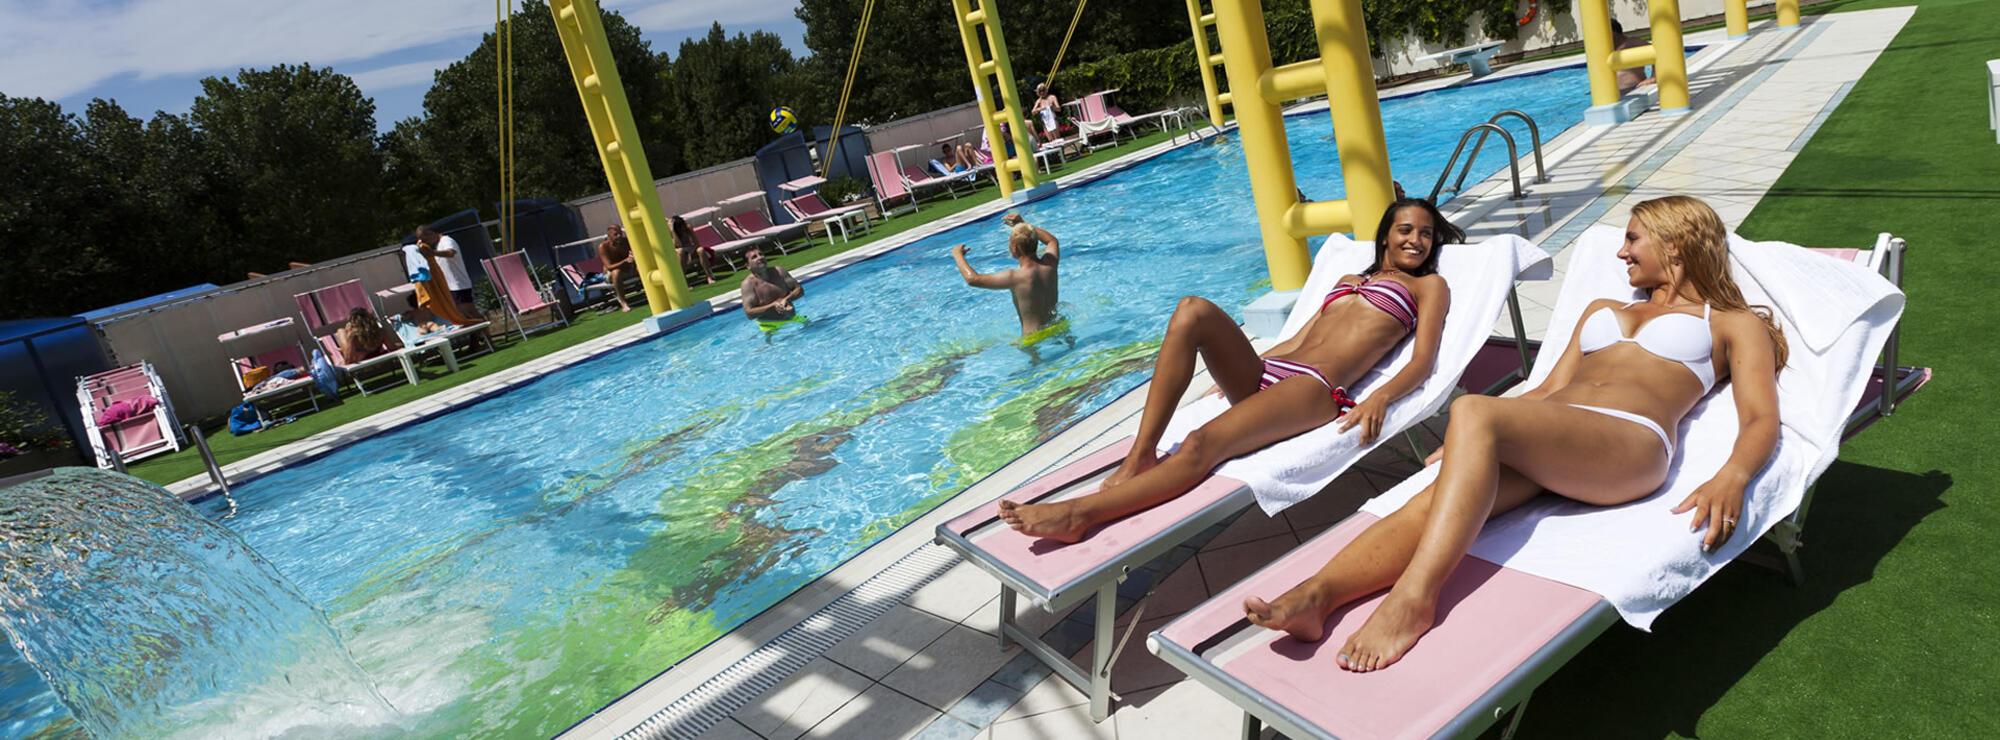 Hotel 4 stelle rimini con piscina riscaldata albergo con - Hotel rivazzurra con piscina ...